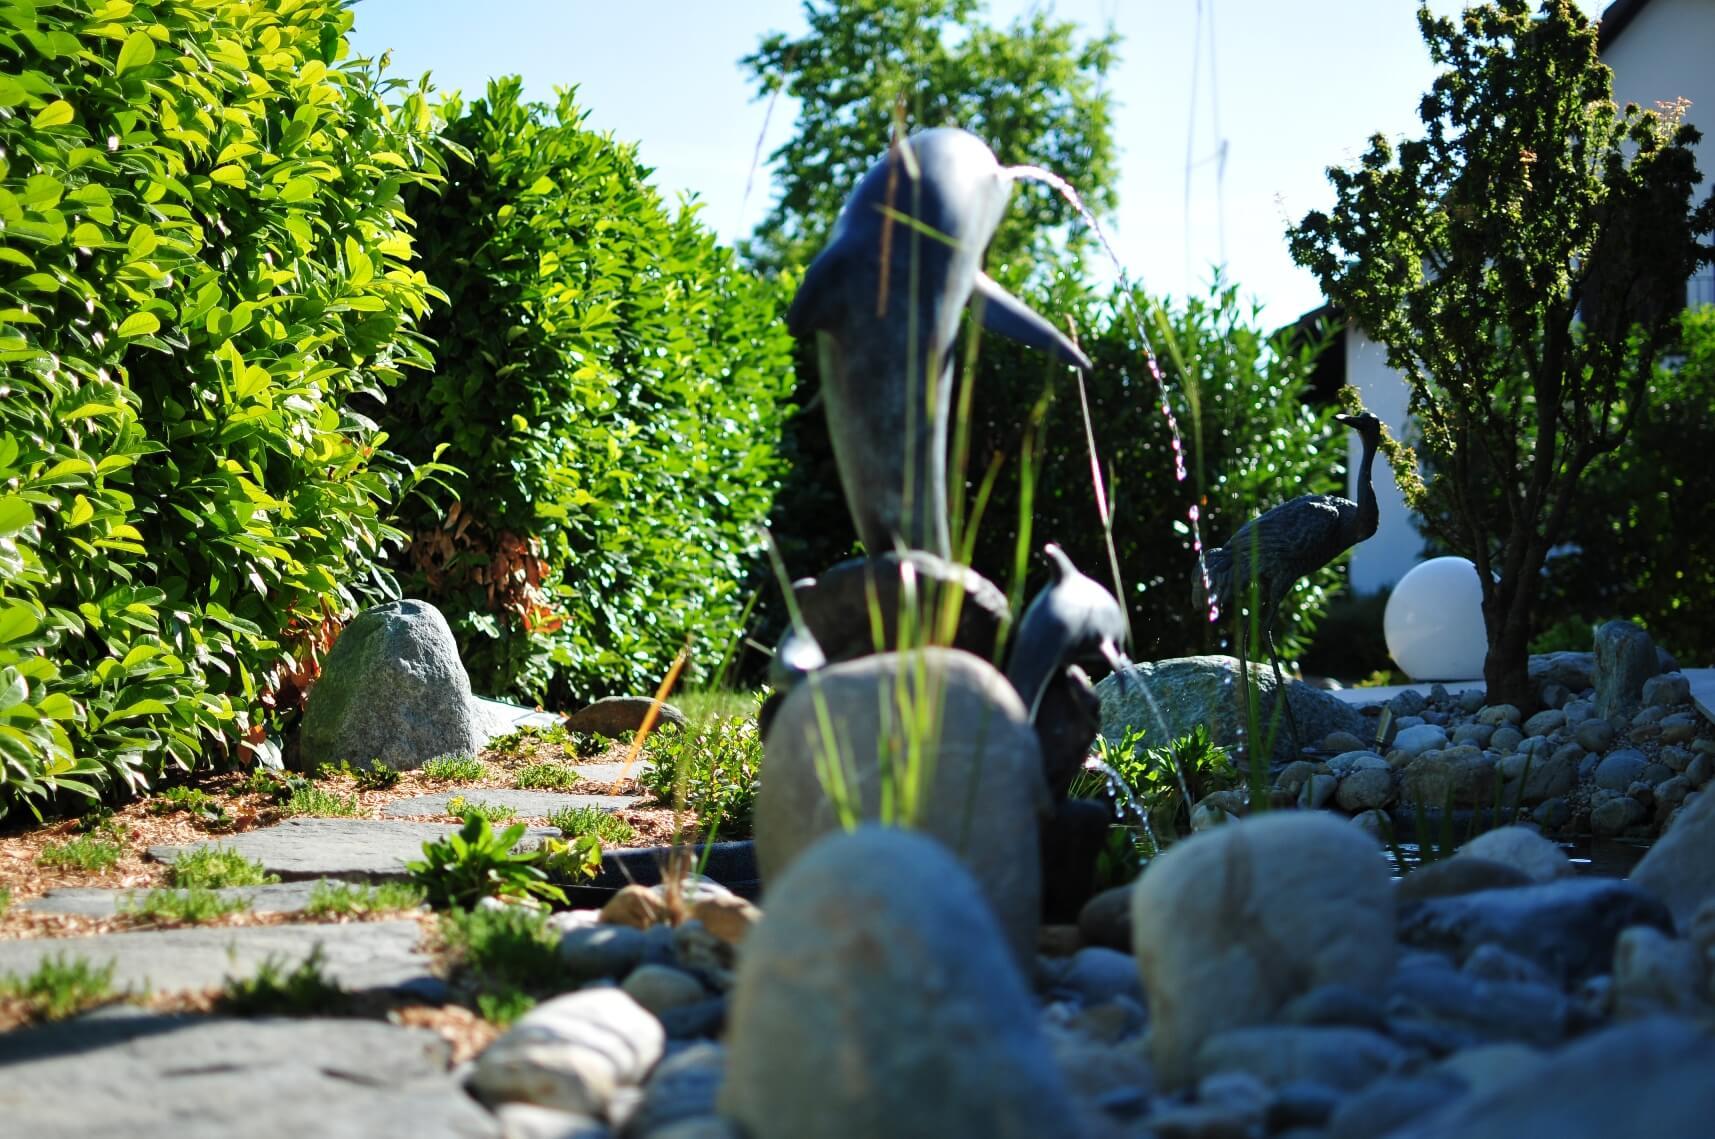 michael ellig étang bassin eau cours riviere paysagiste statues aellig paysages (5)